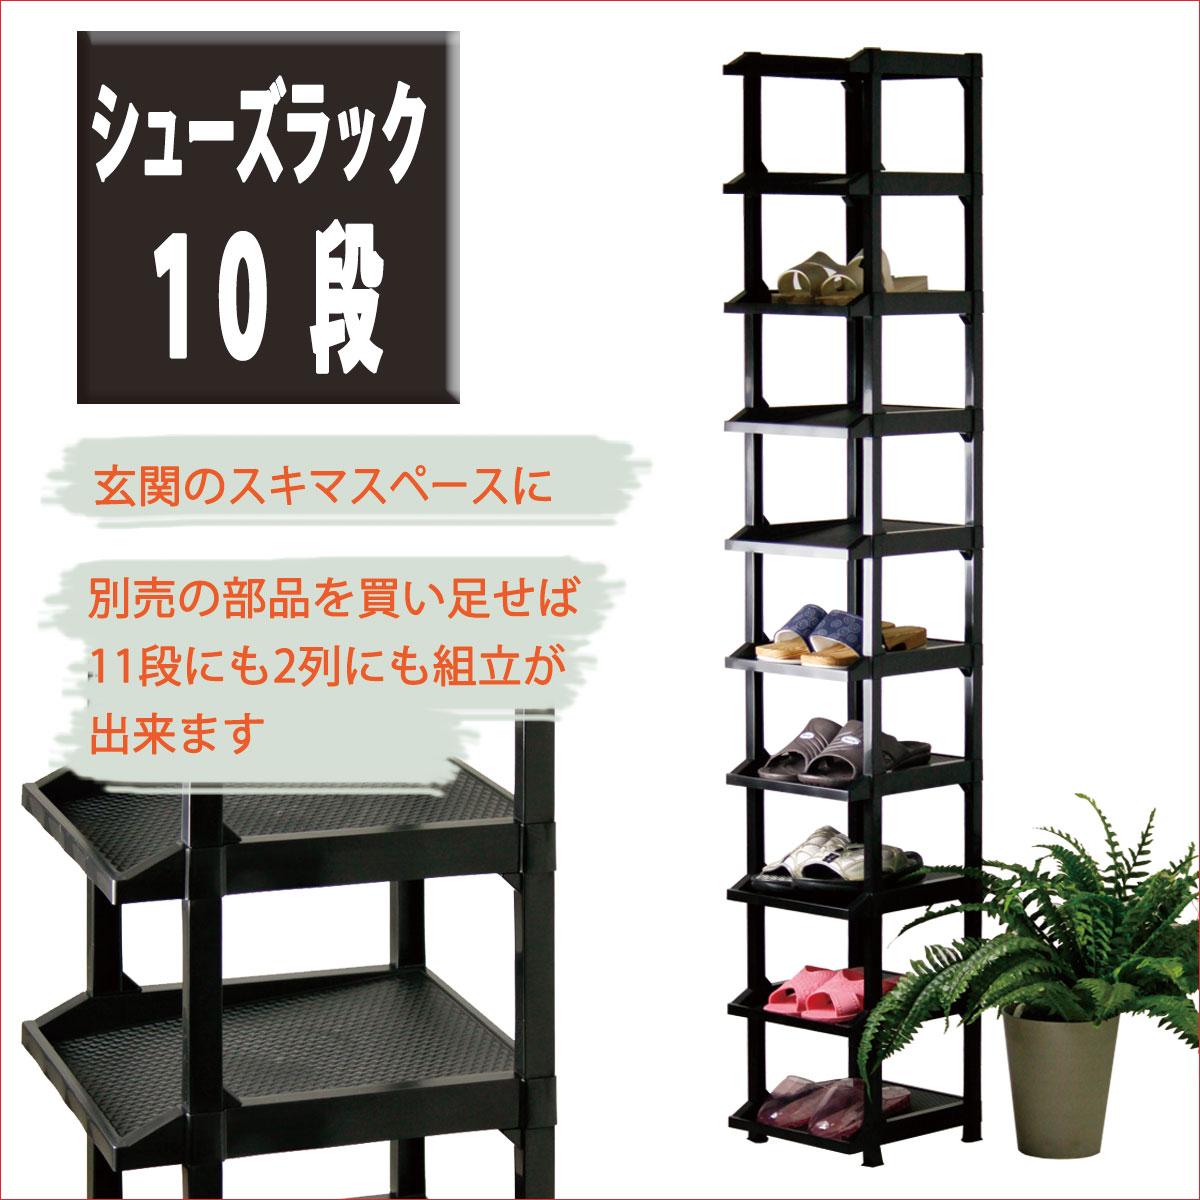 【送料無料】シューズラック 10段 靴 収納 大容量 スリム 日本製...:kirara-pla:10000101